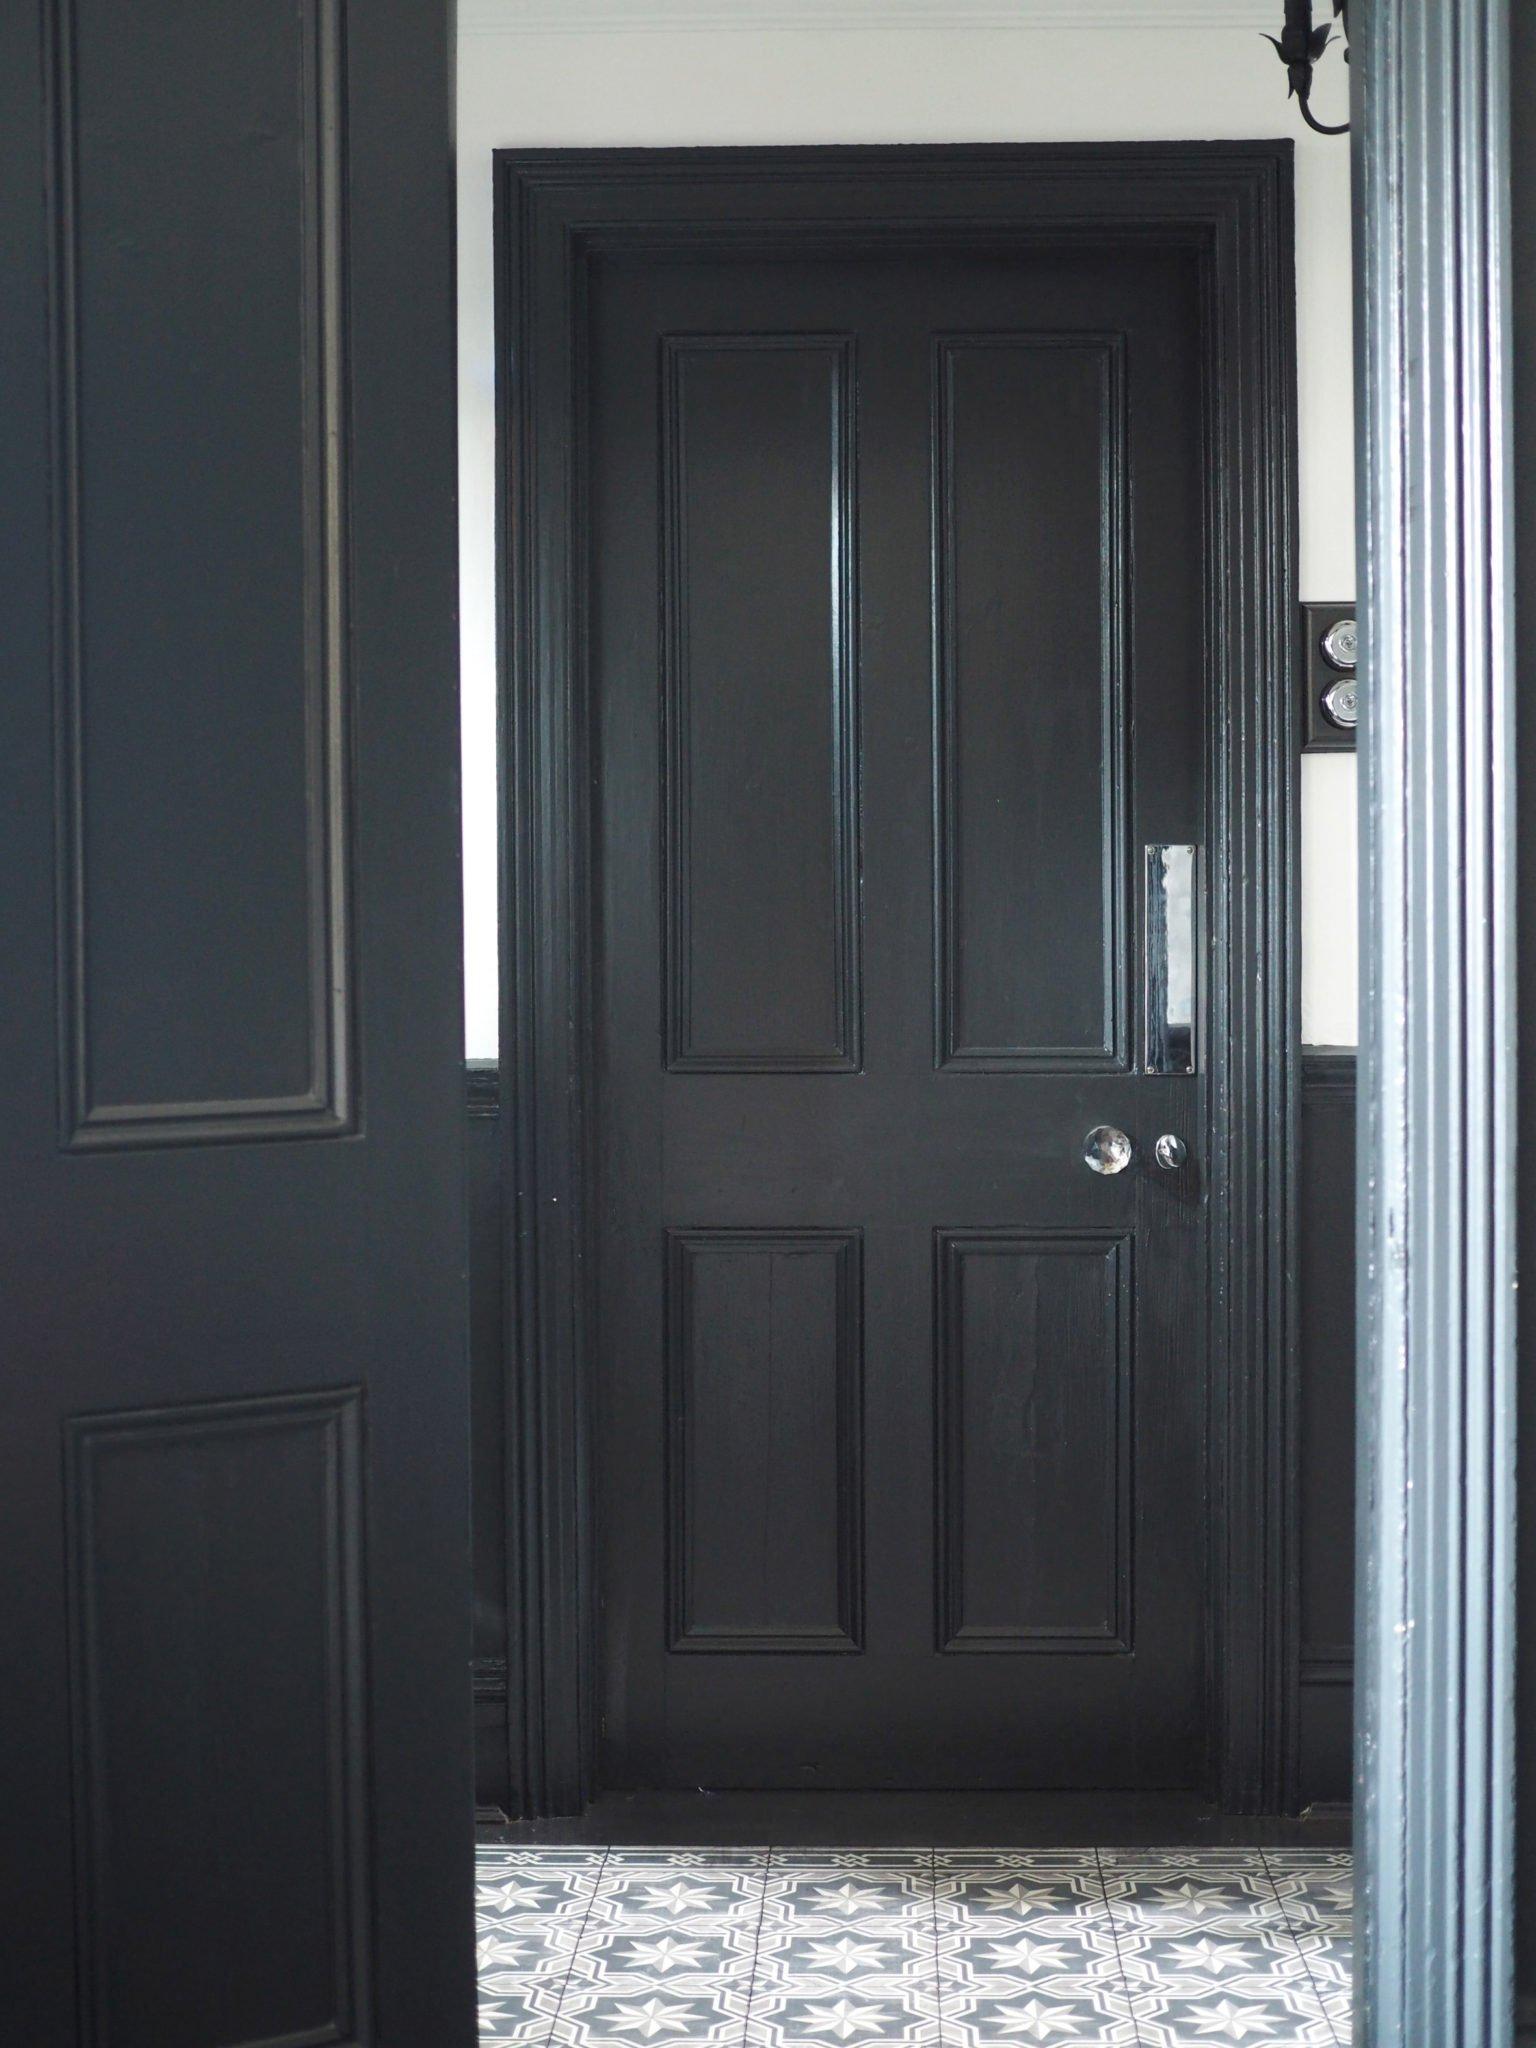 My Monochrome Hallway reveal